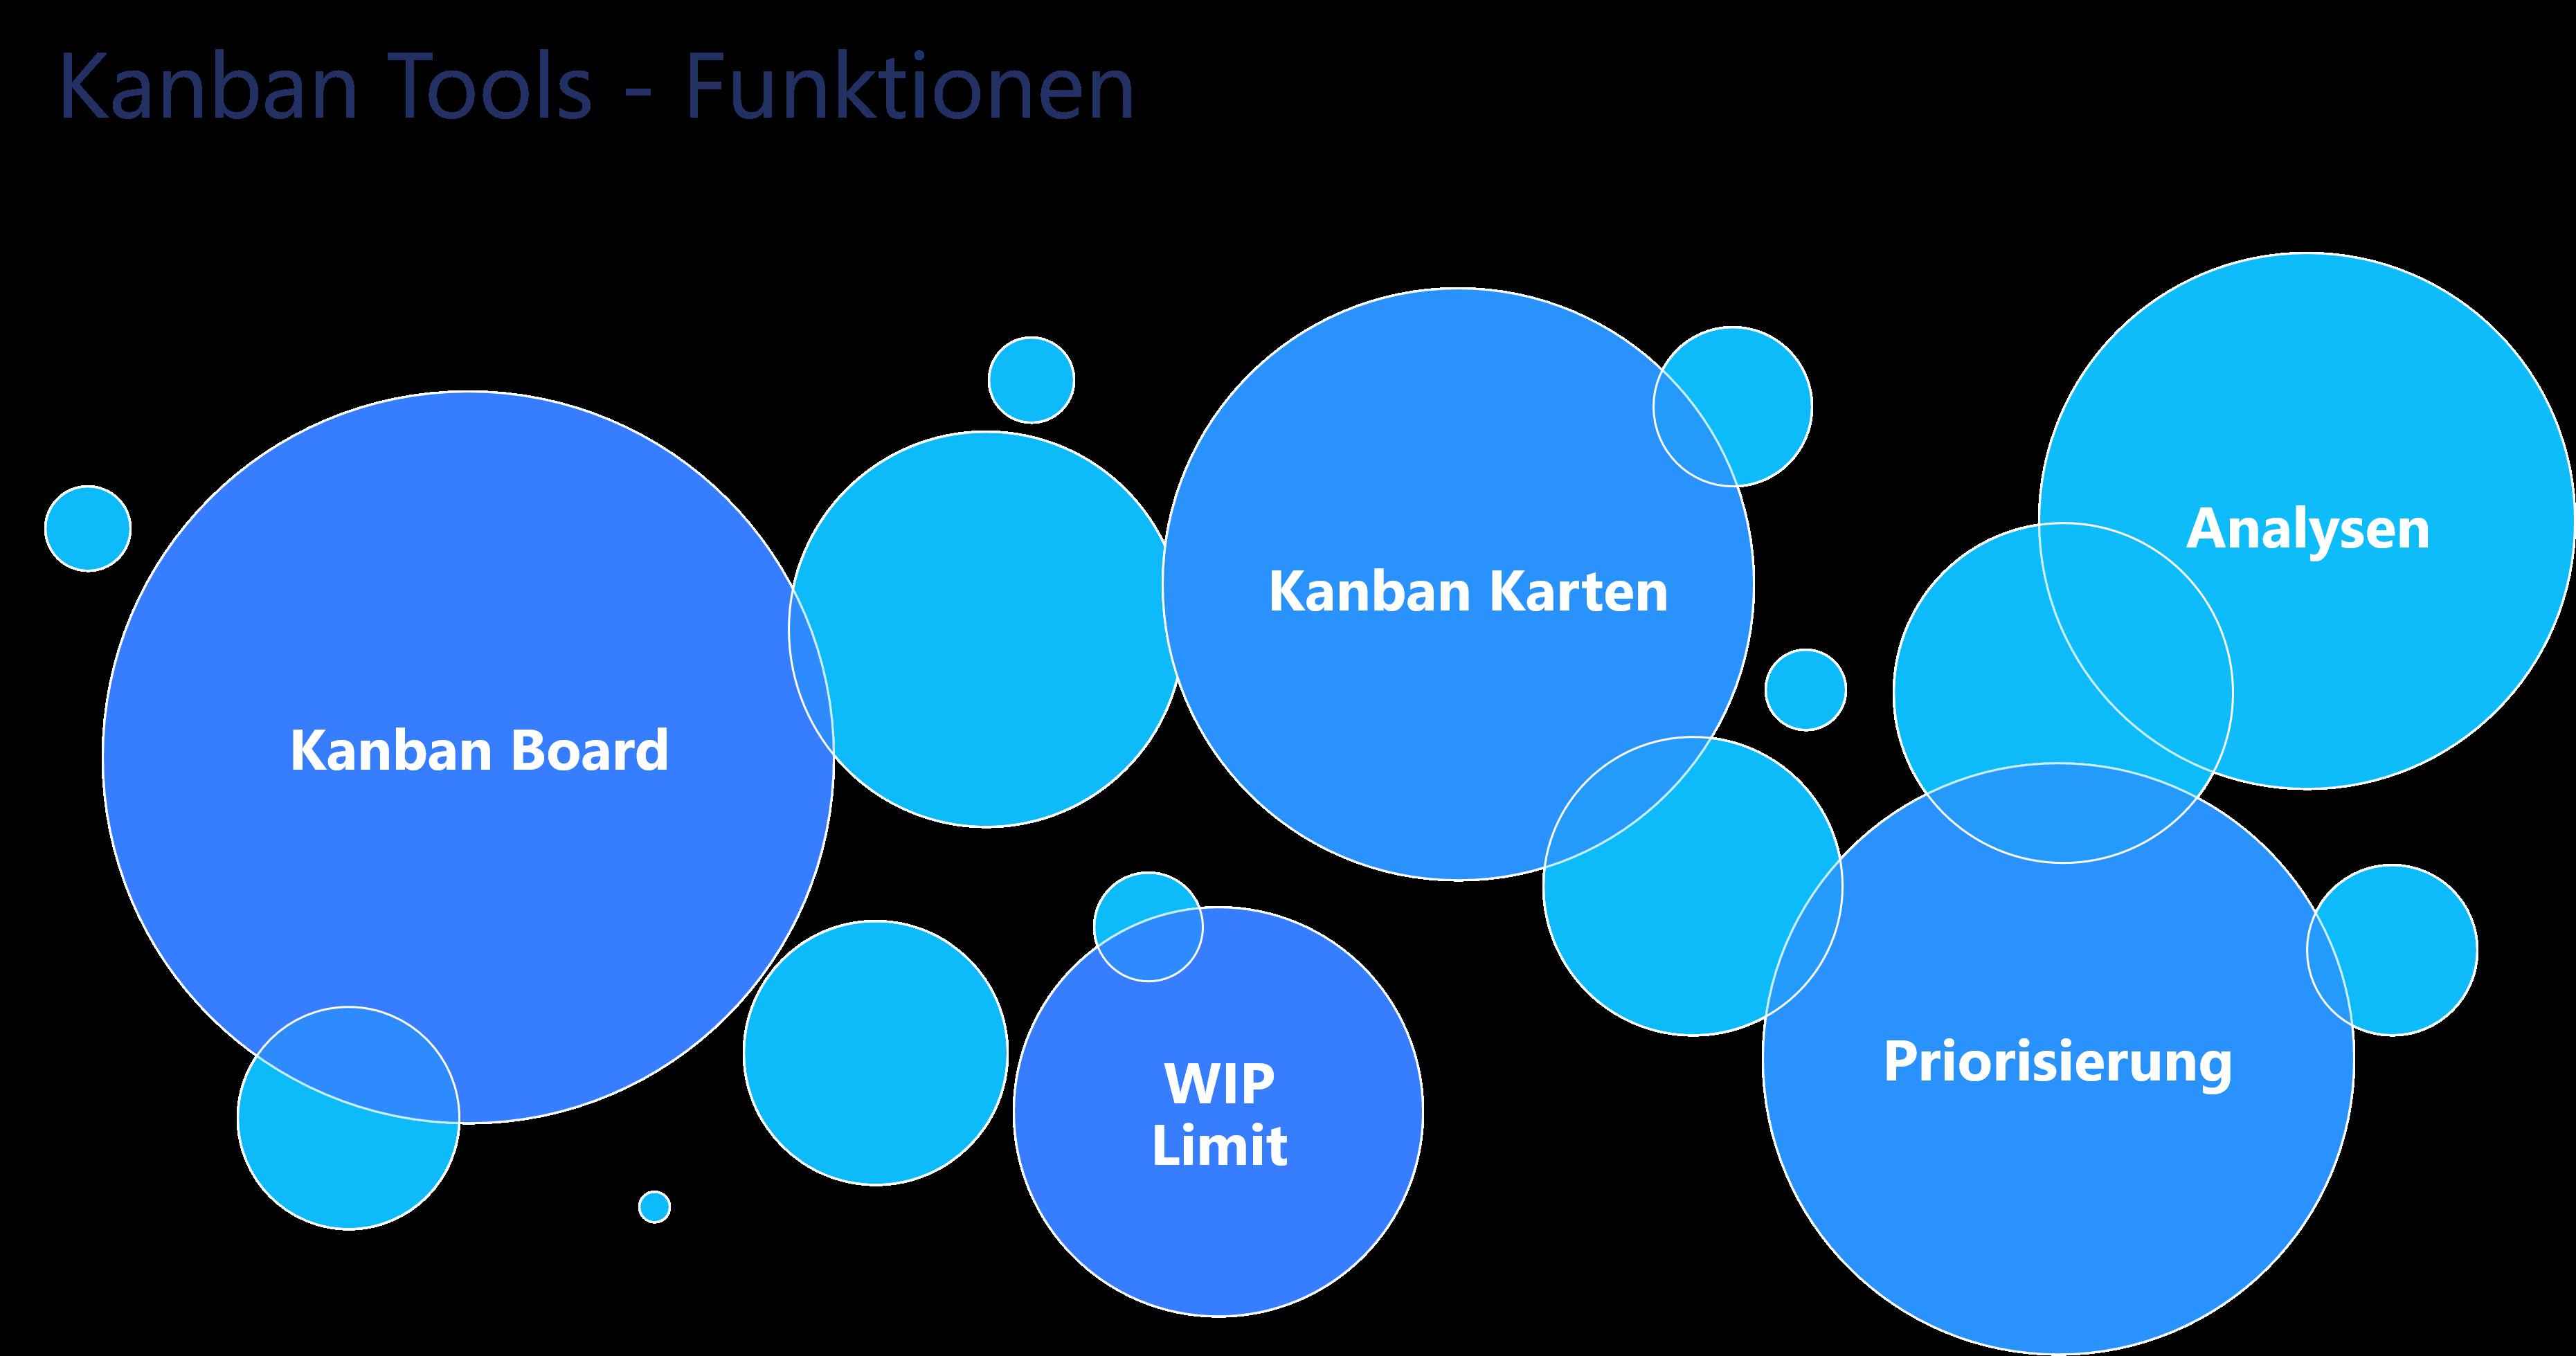 Darstellung von wichtigen Funktionen eines Kanban Tools